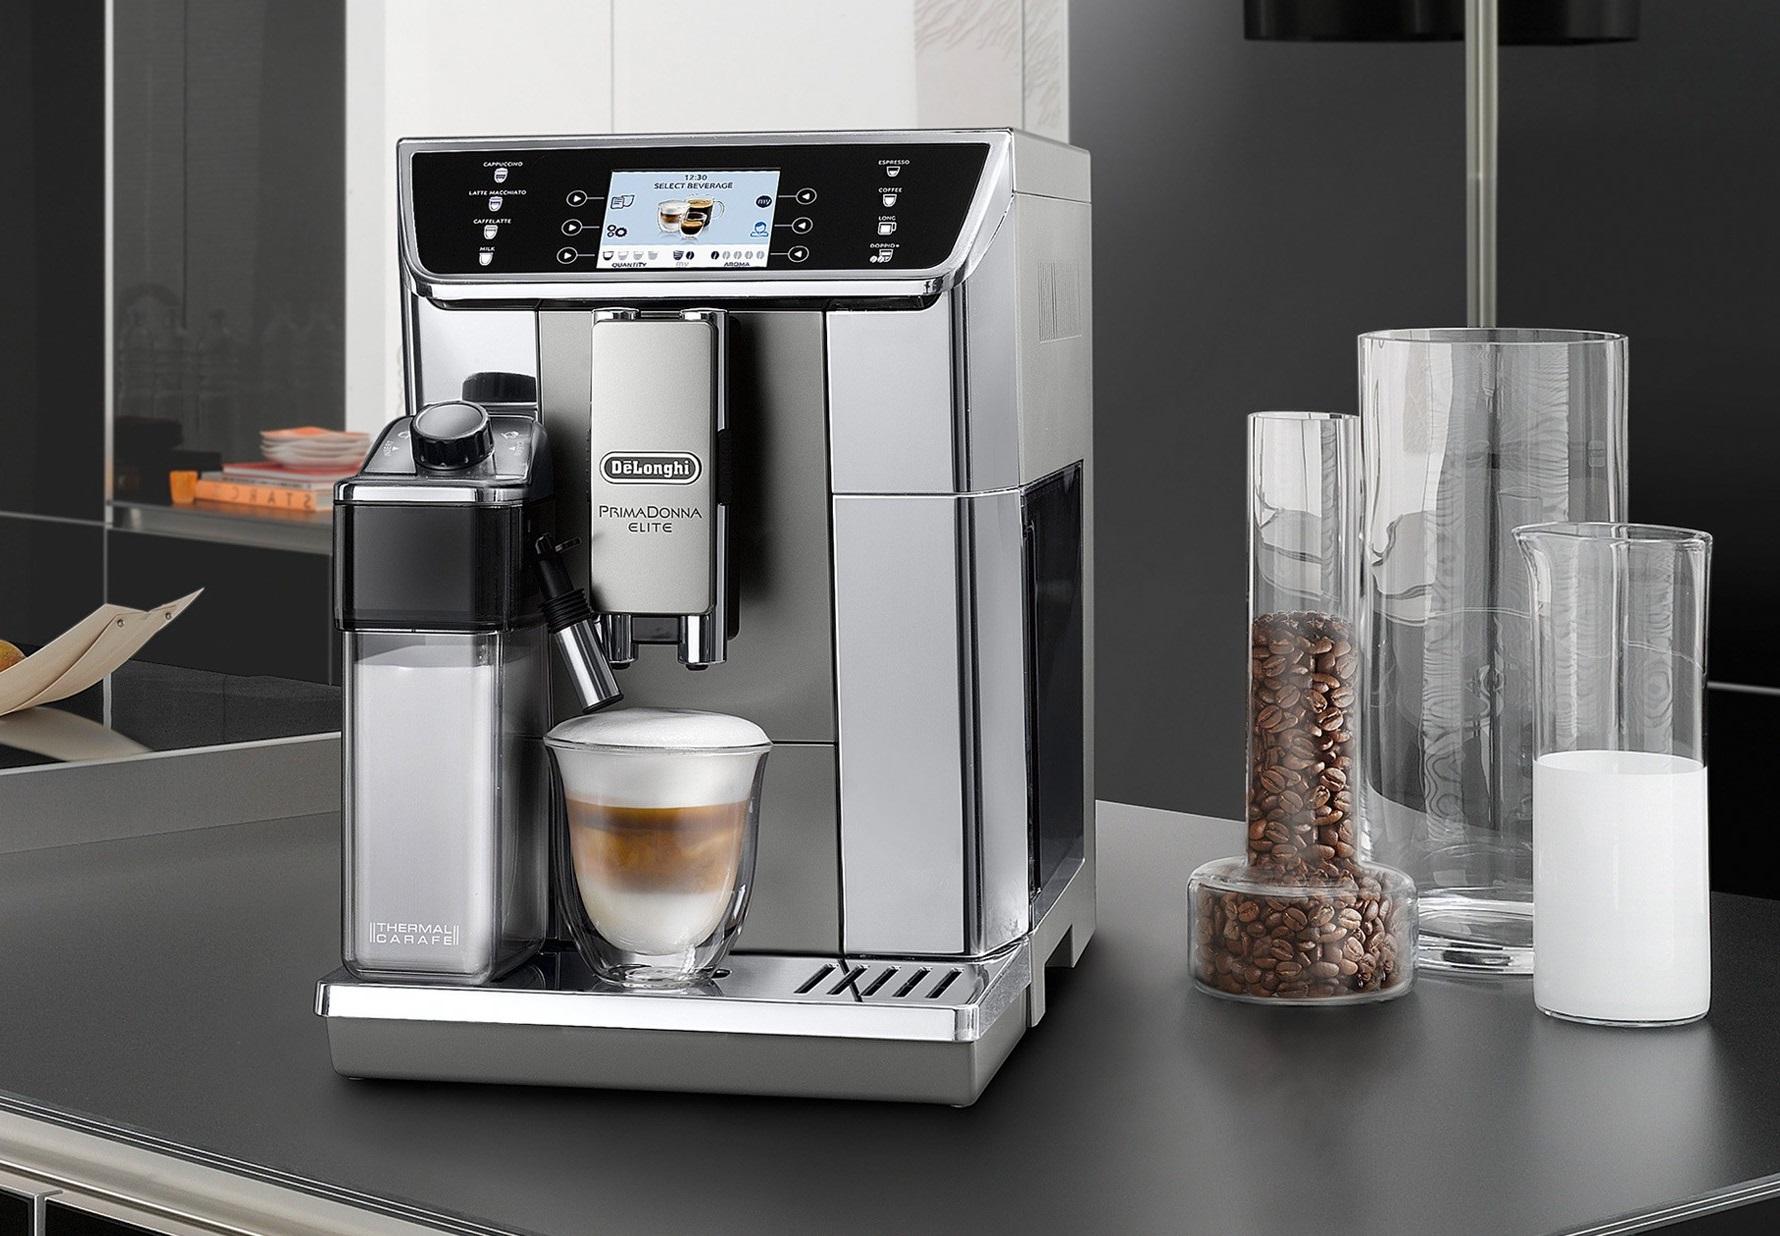 Les 5 meilleures machines à café automatiques - lecafedeclara.fr